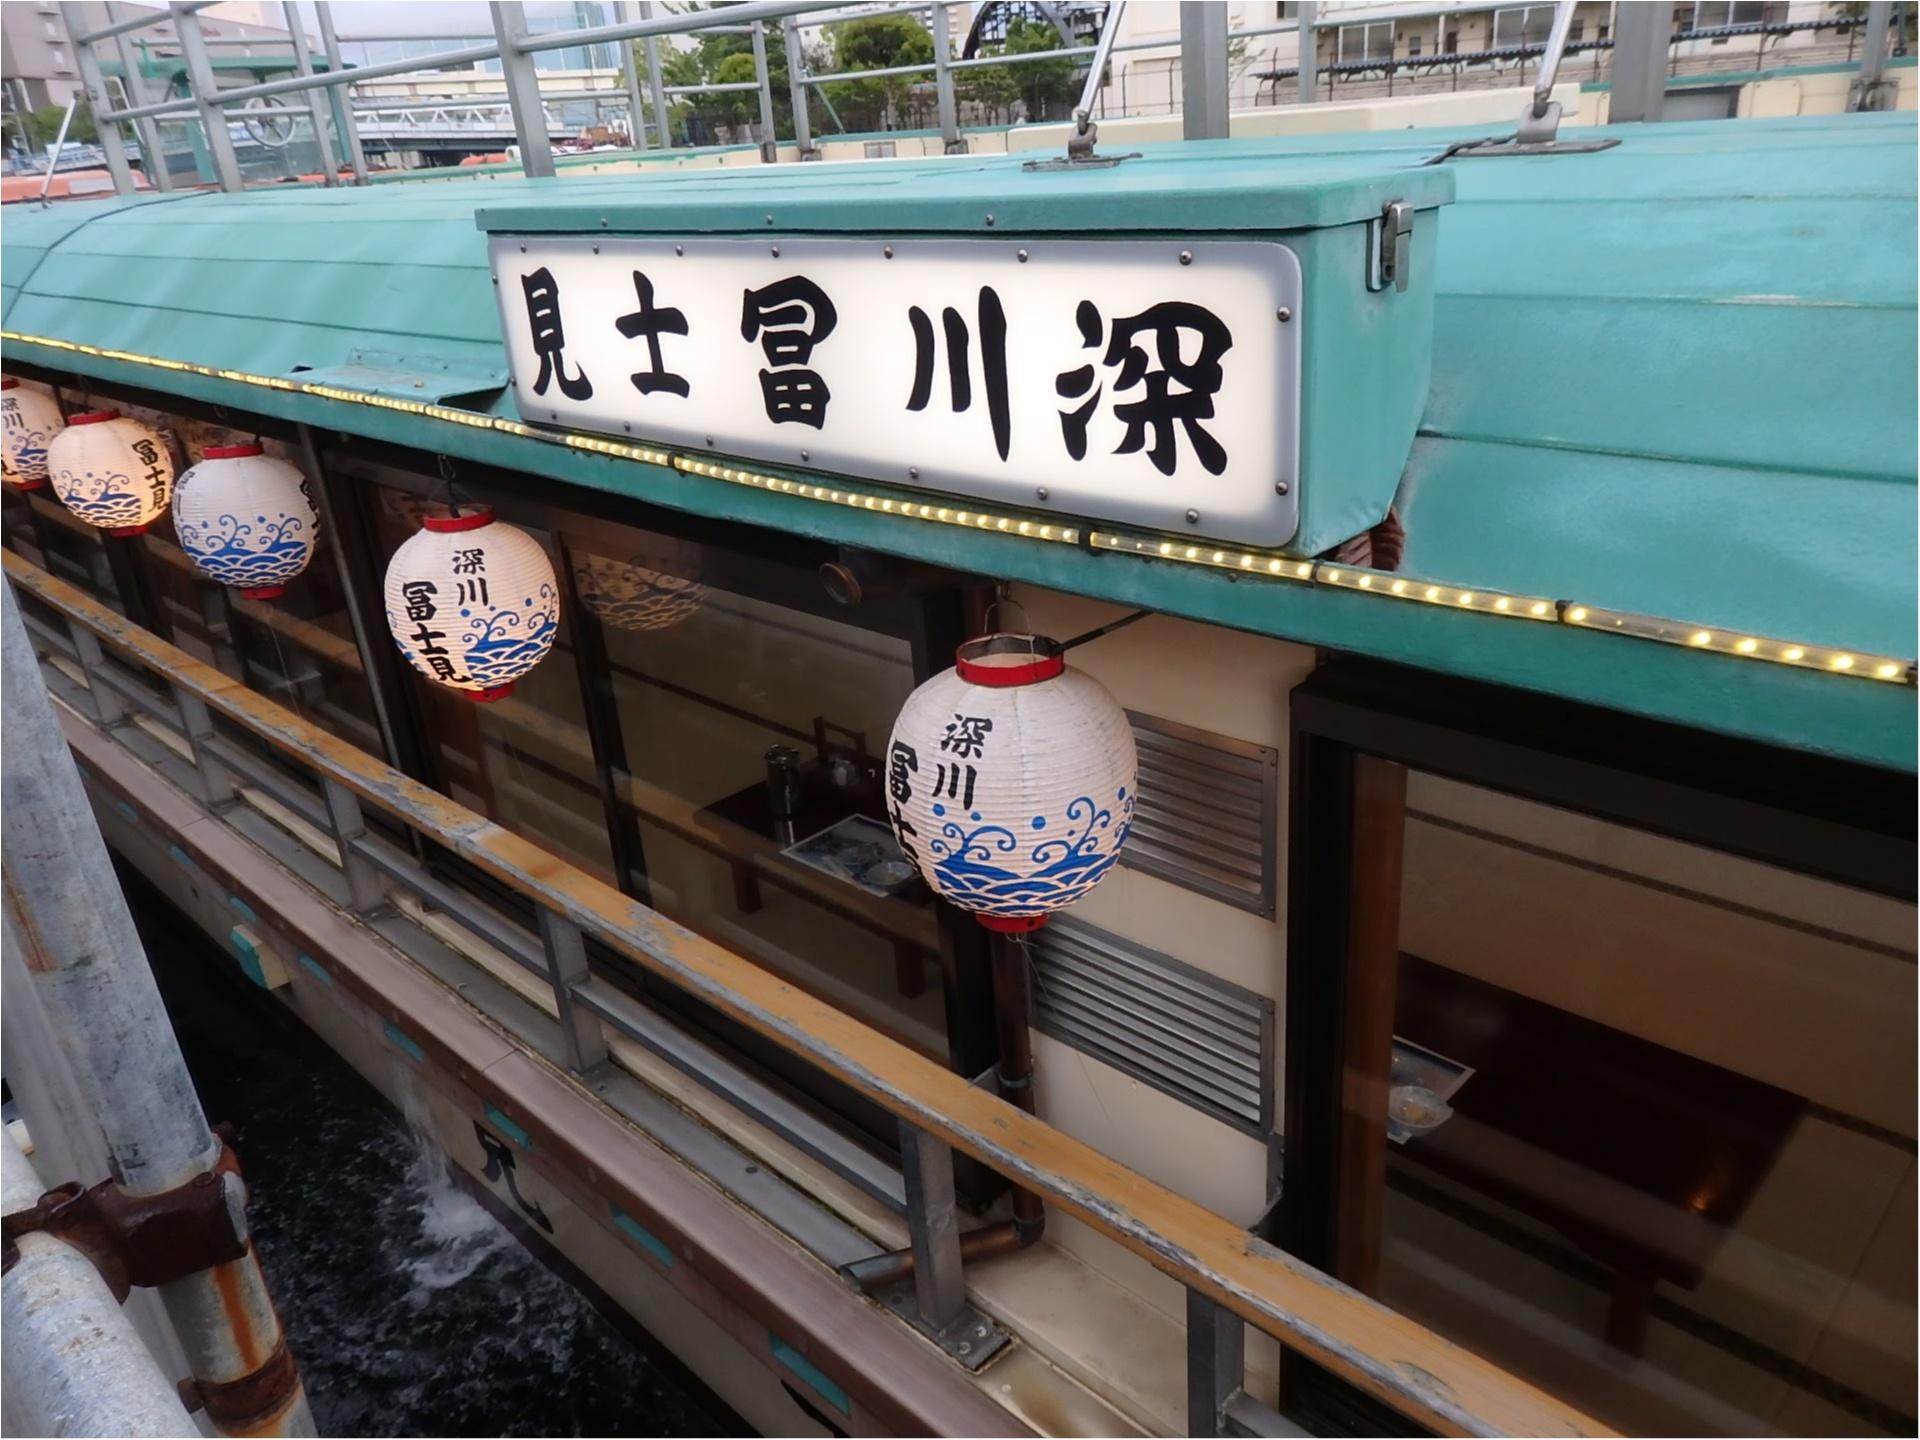 ゆかた屋形船女子会♡MORE8月号掲載『トレンドプレゼン大会』裏側レポ♡_2